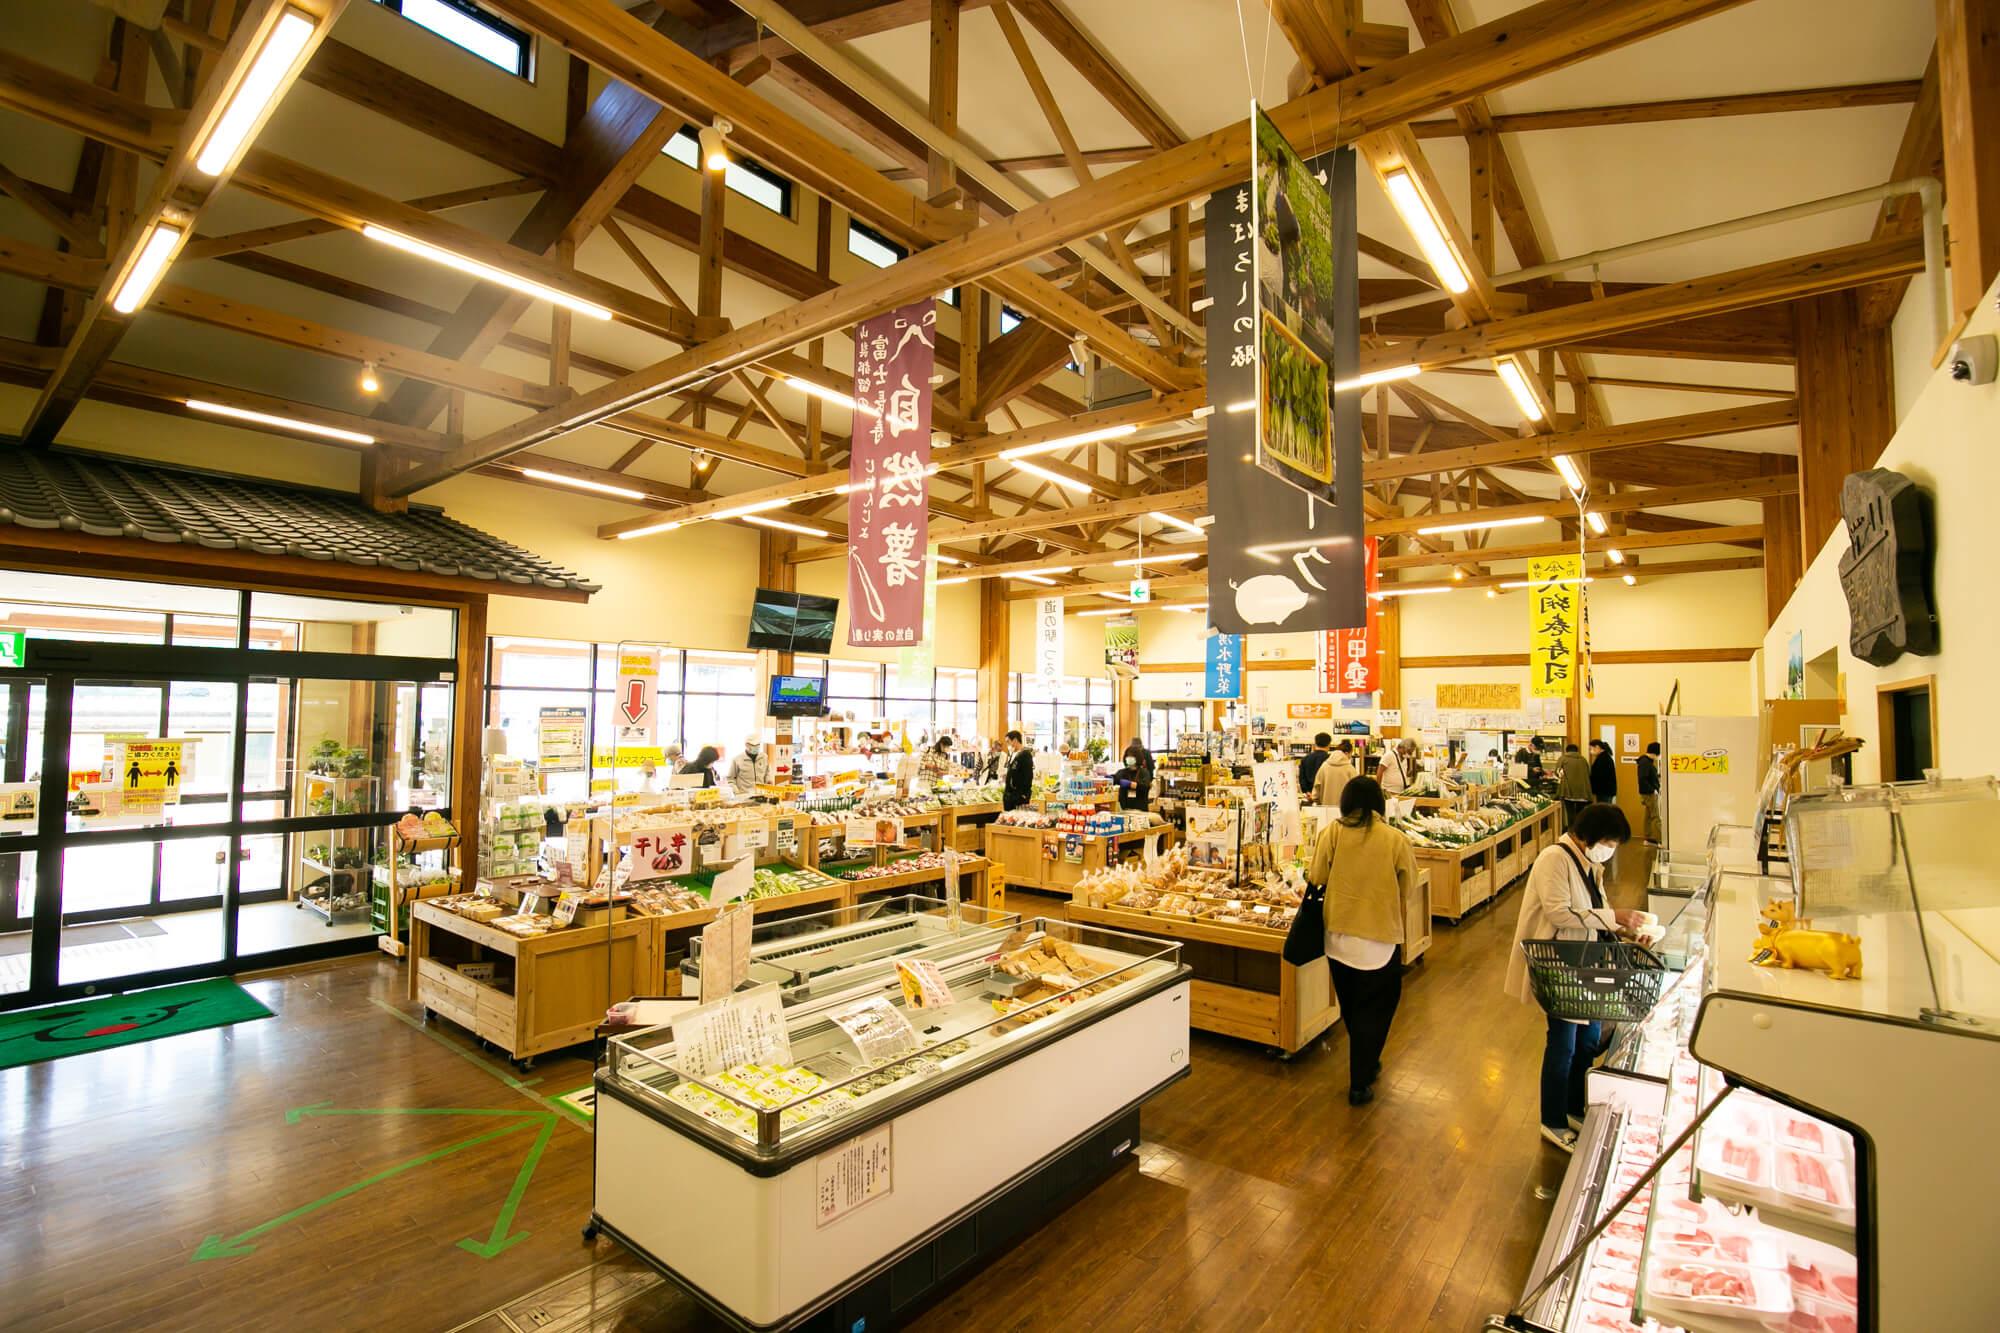 広い店内には地元産の商品がたくさん。